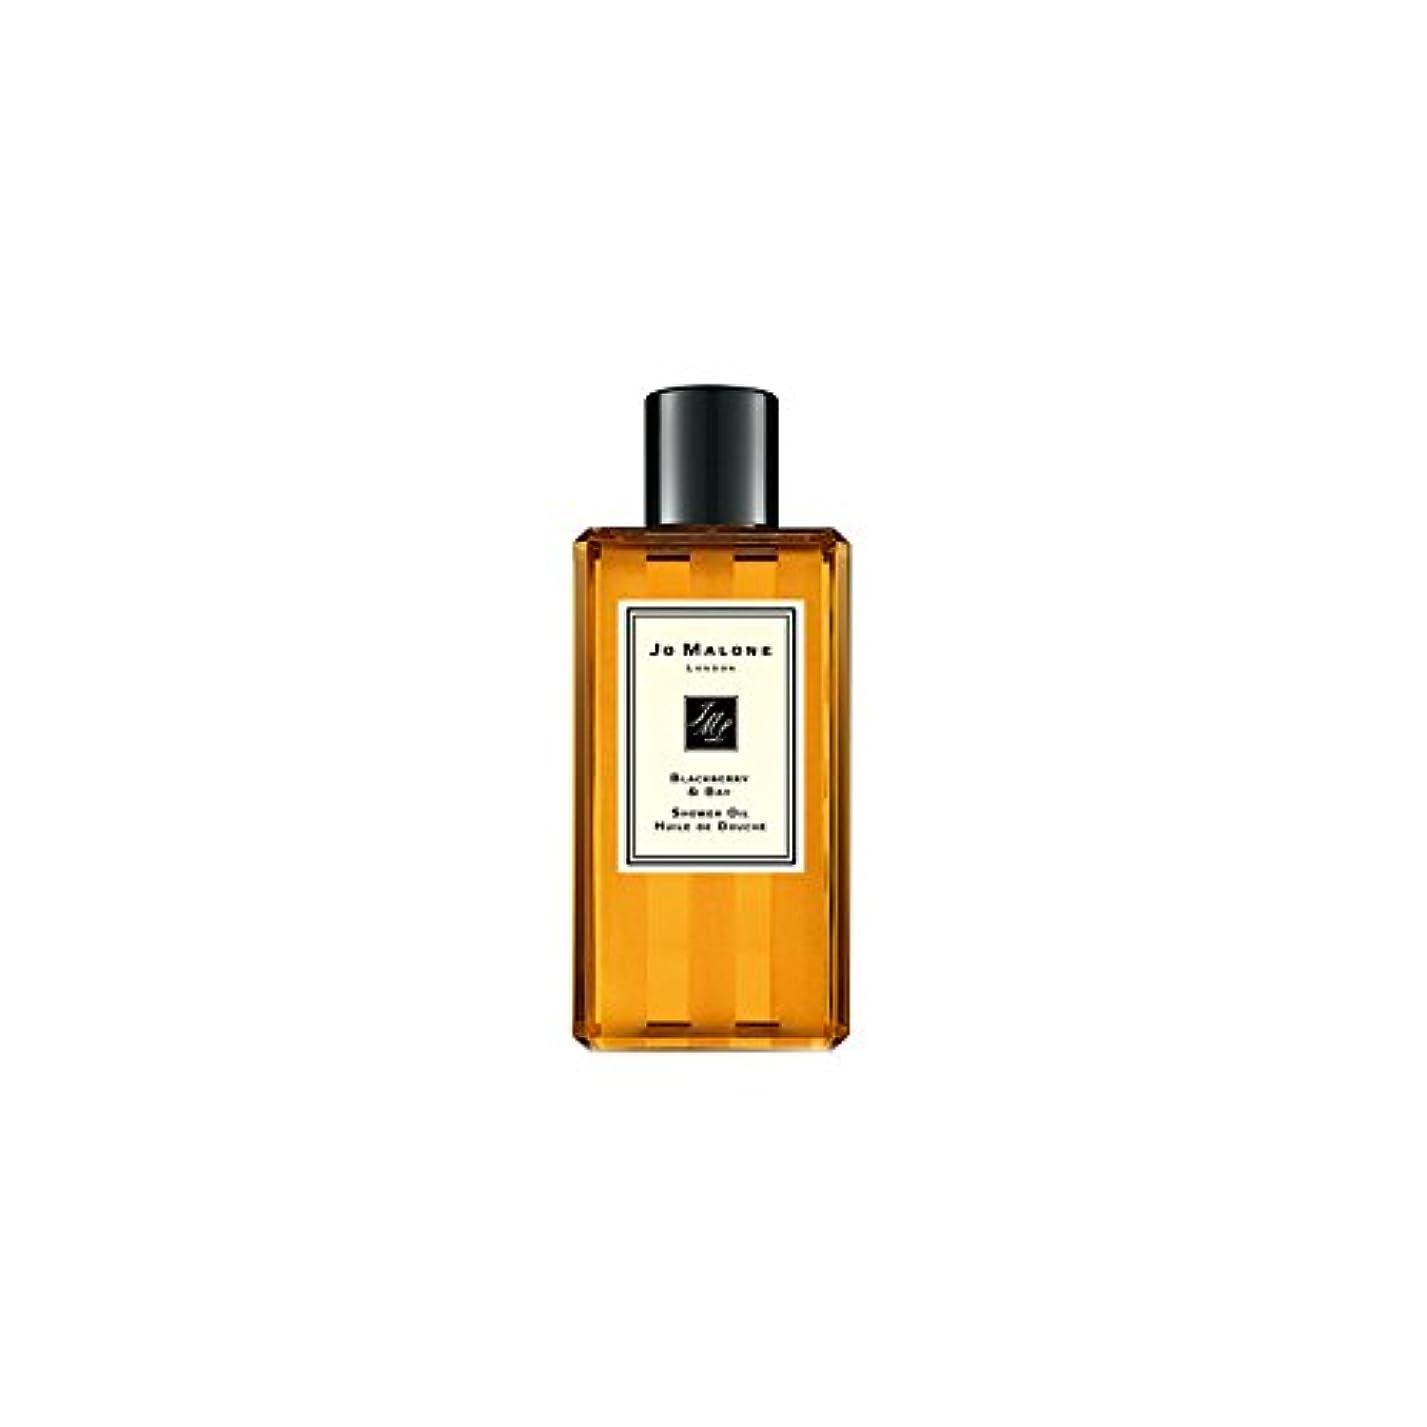 止まる価格増加するJo Malone Blackberry & Bay Shower Oil - 250ml (Pack of 2) - ジョーマローンブラックベリー&ベイシャワーオイル - 250ミリリットル (x2) [並行輸入品]